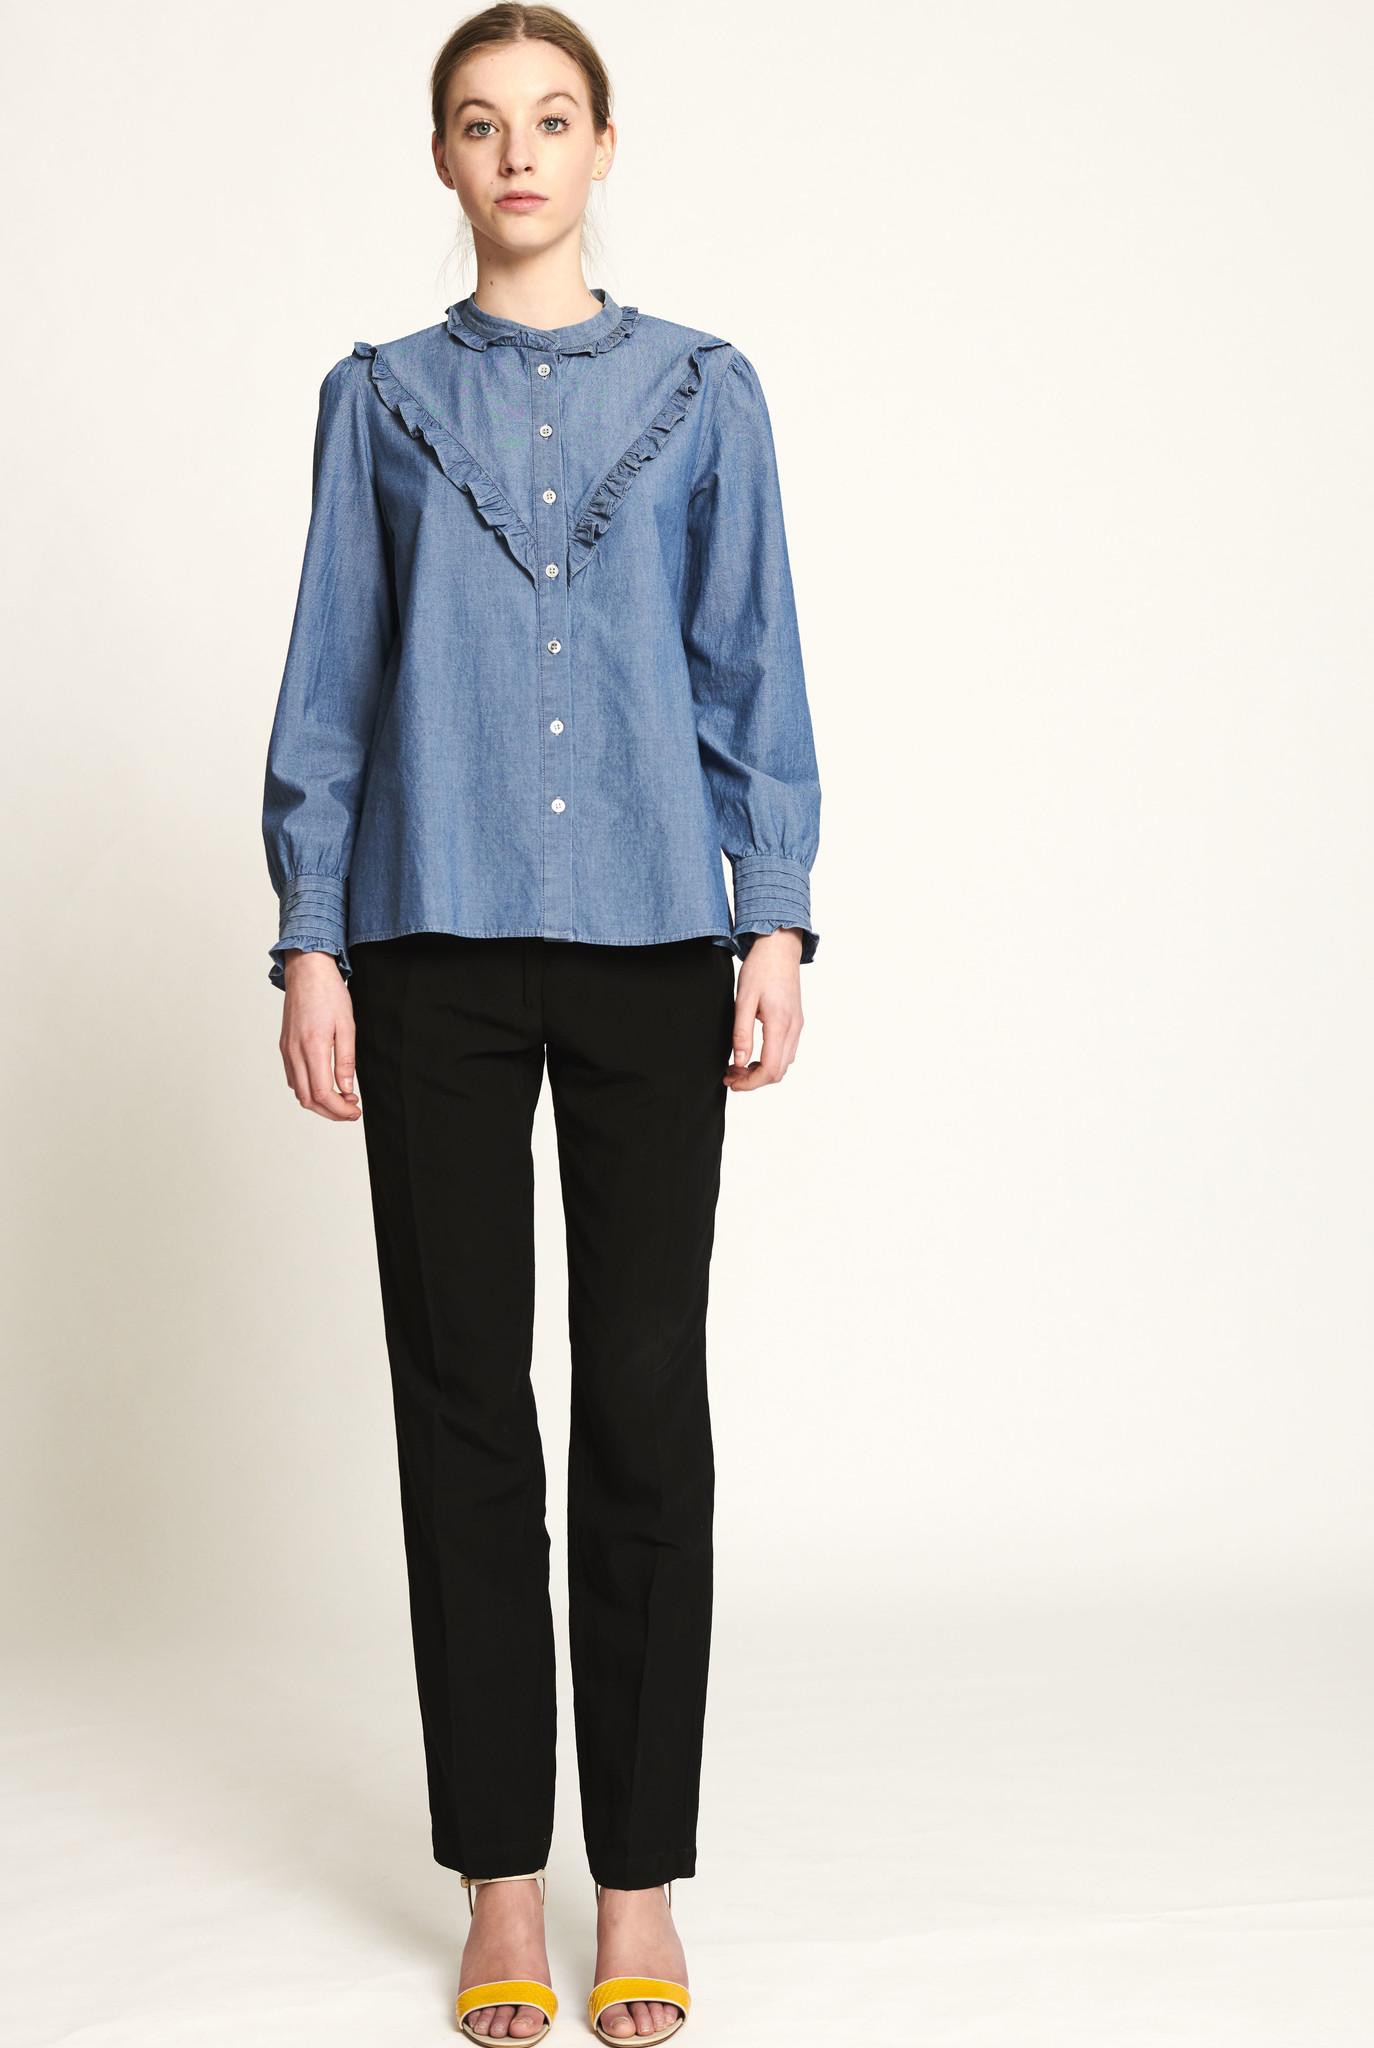 Polly blouse indigo